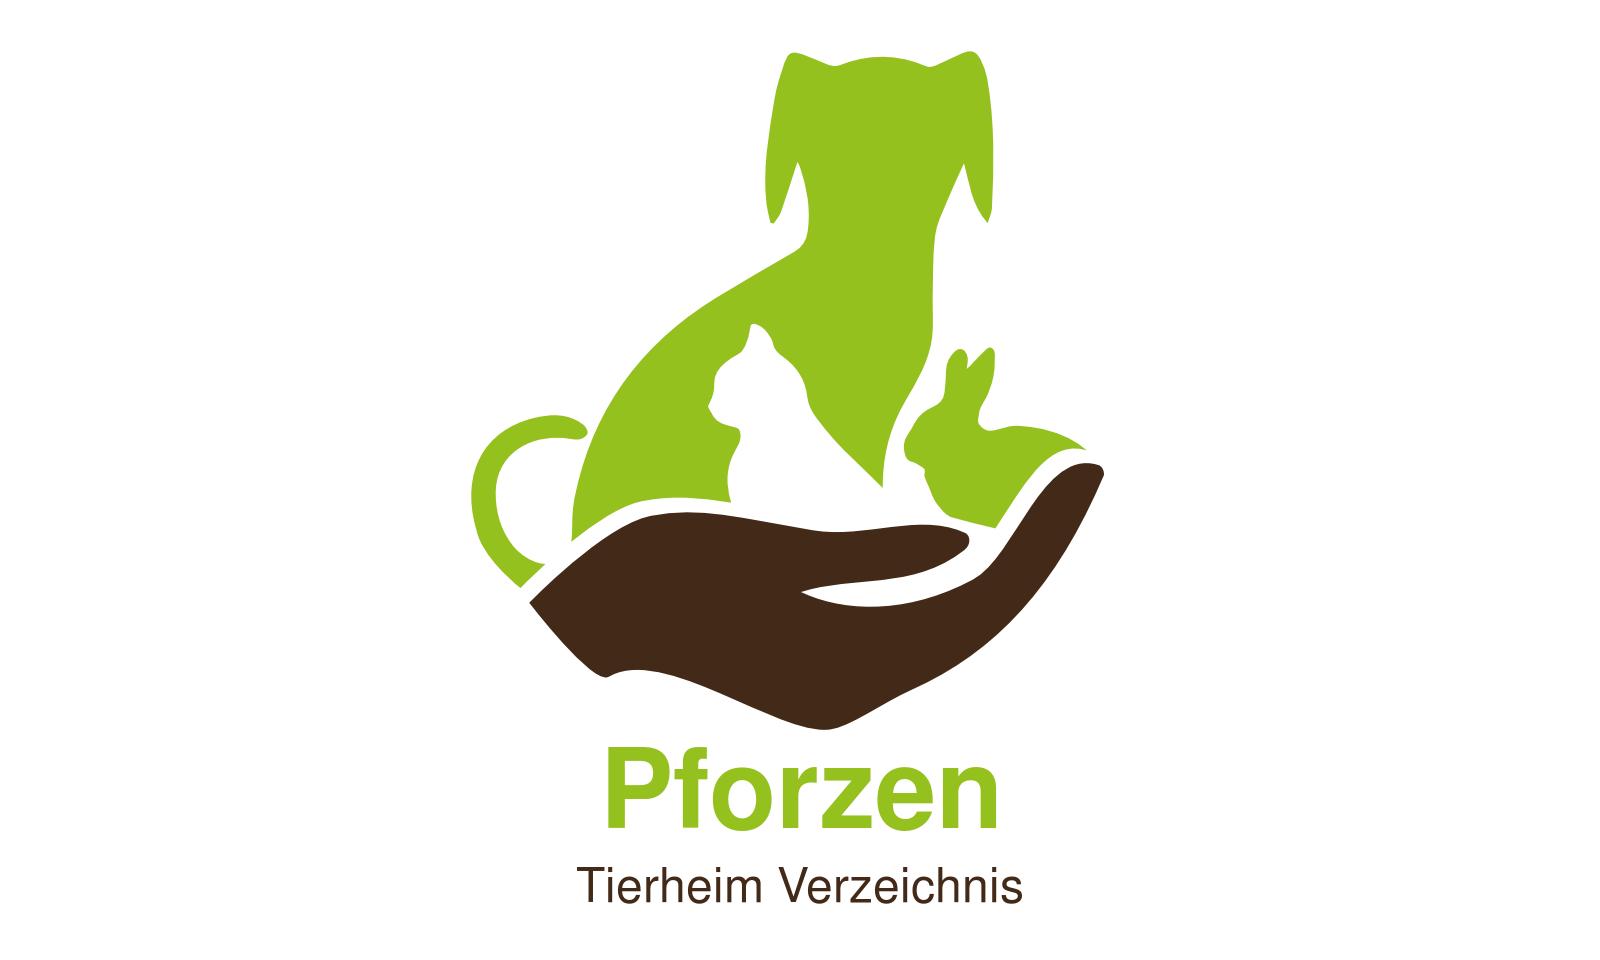 Tierheim Pforzen